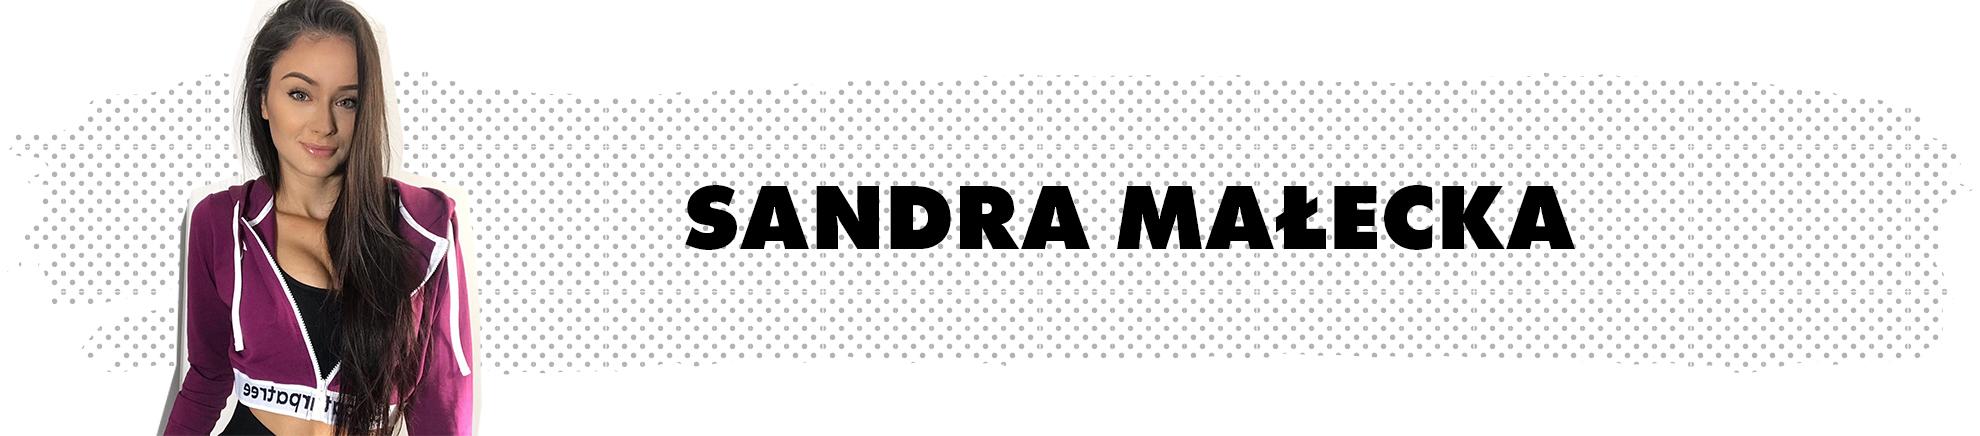 Sandra Małecka Ostentacyjna - Carpatree brand ambassador